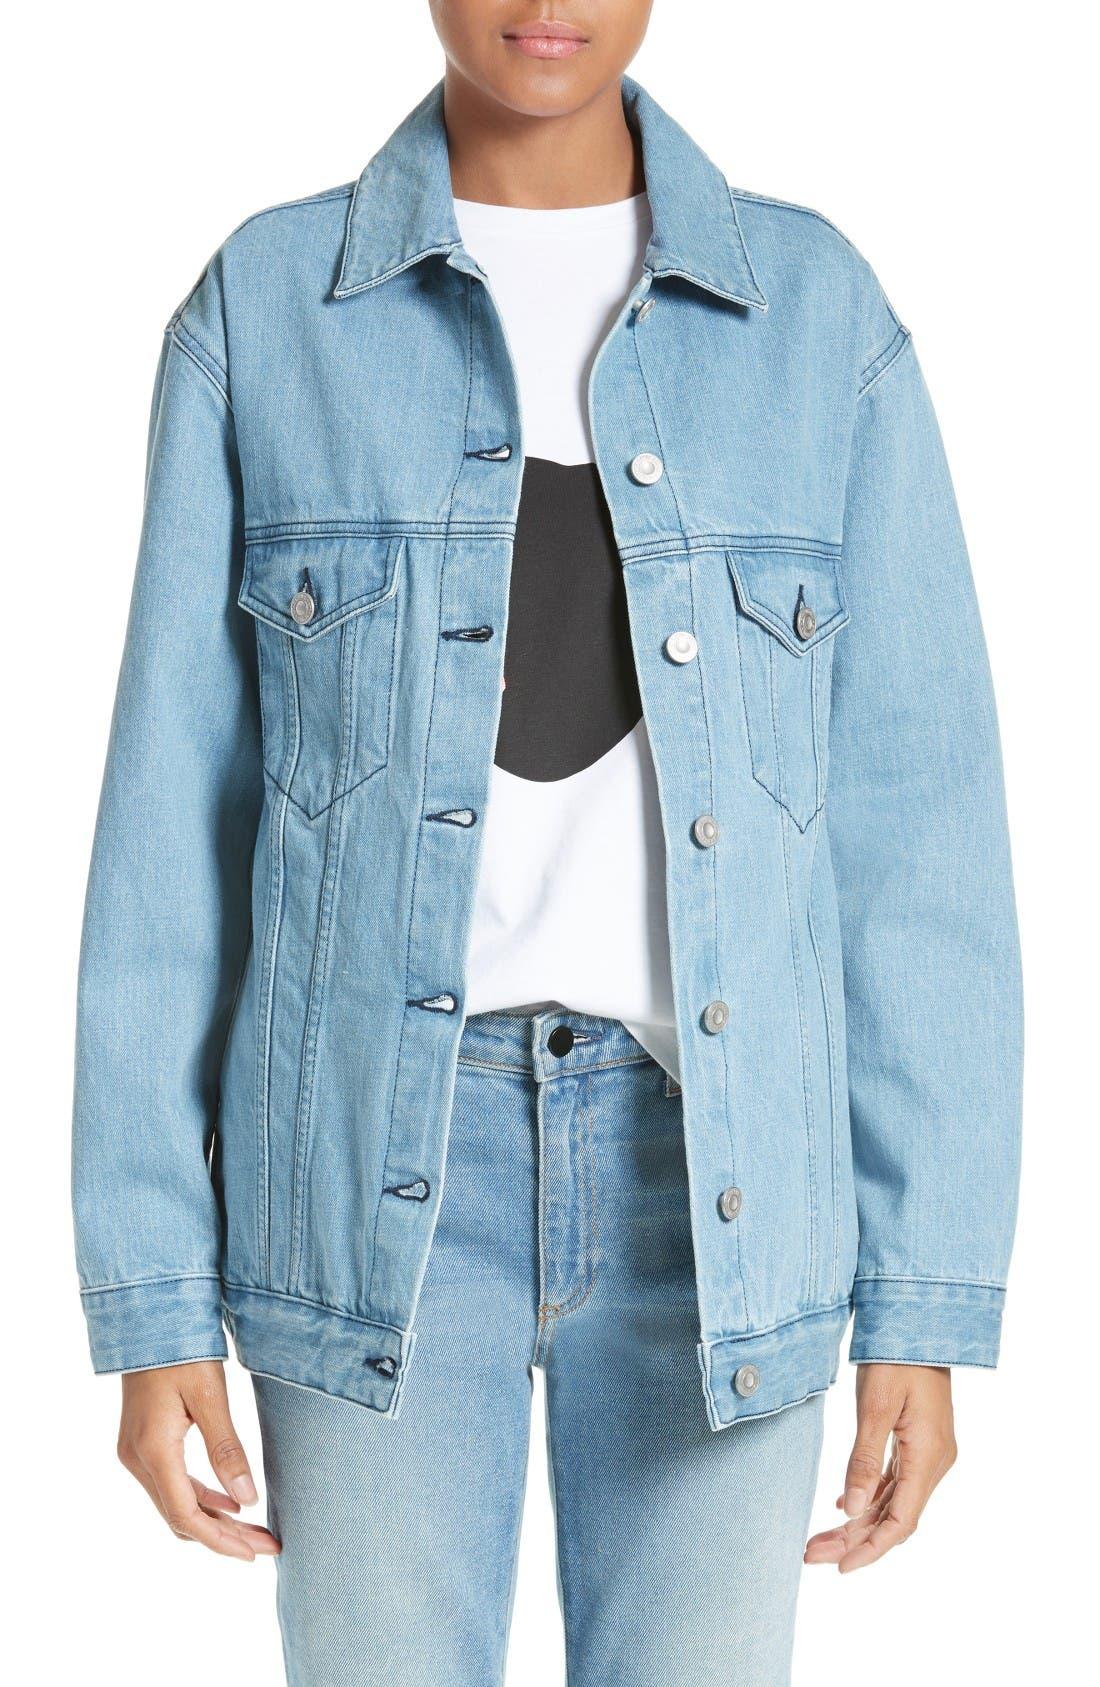 Main Image - être cécile L'Avenue des Stars Embroidered Denim Jacket